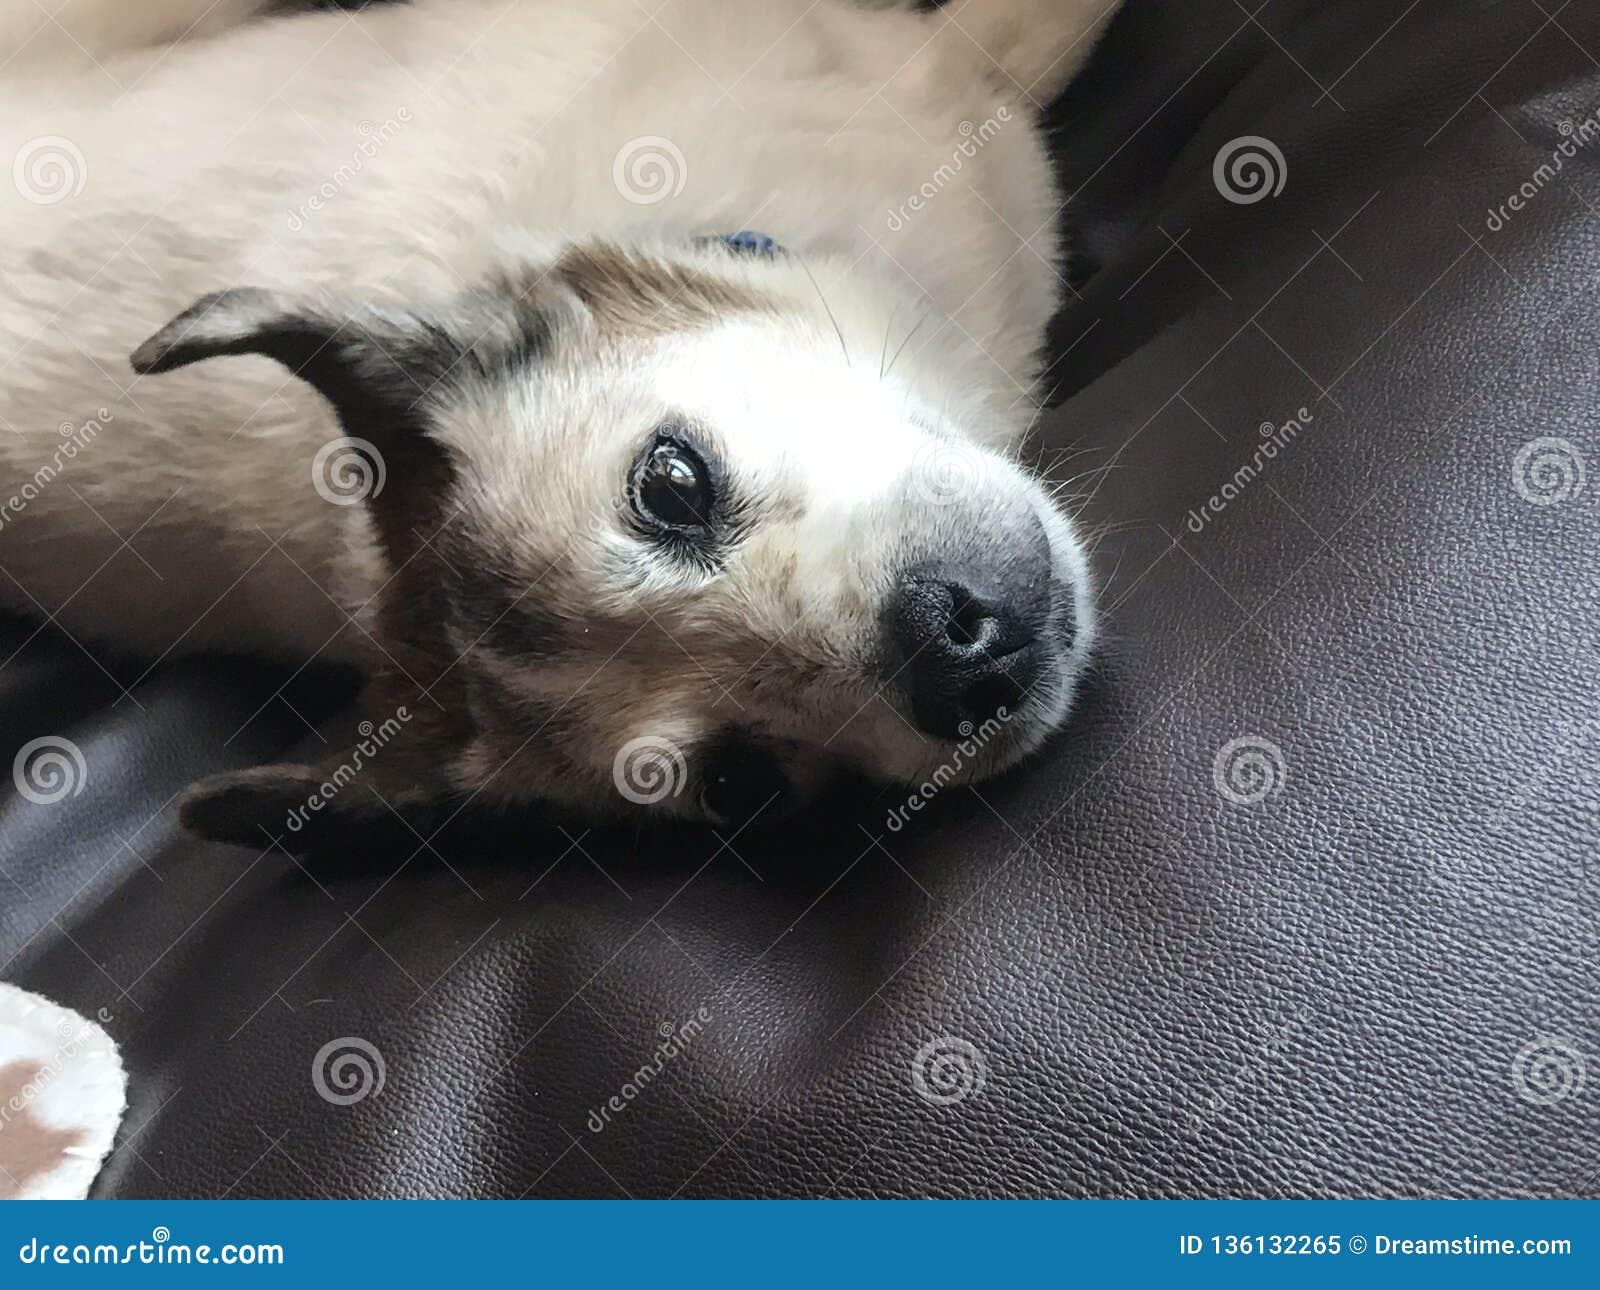 Hund im Bett, welches die Kamera so nett betrachtet